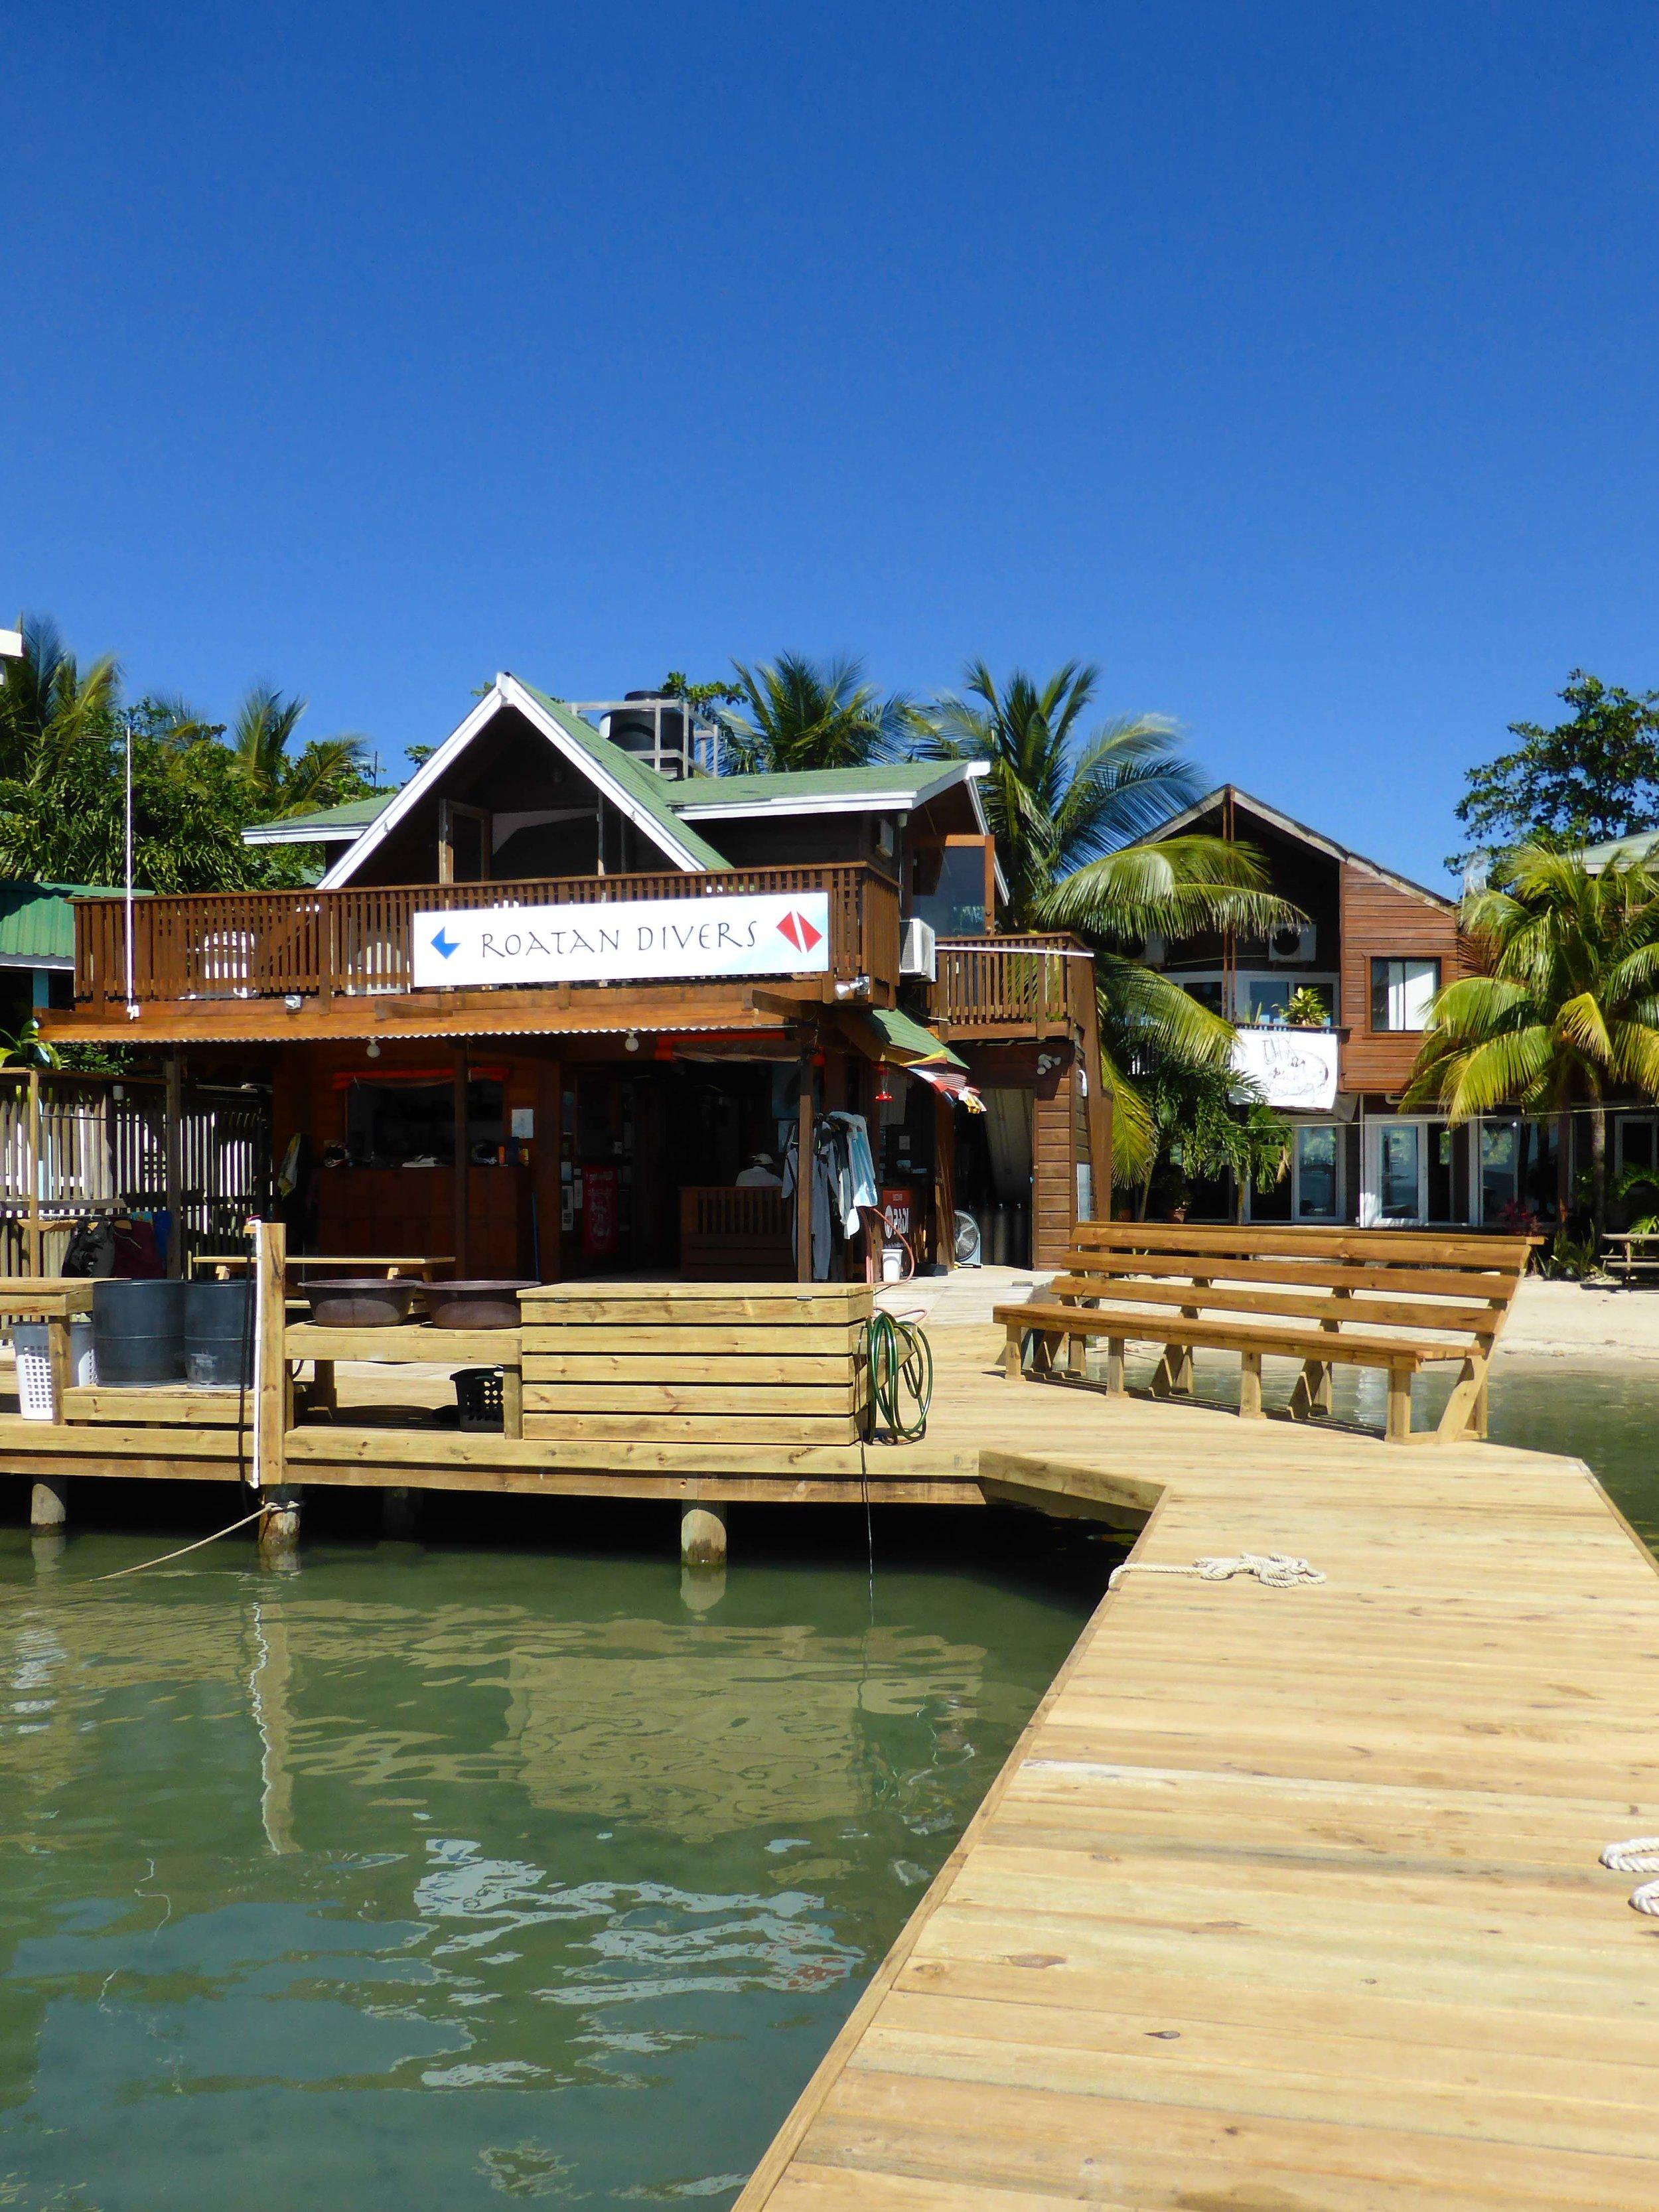 Roatan Divers dock